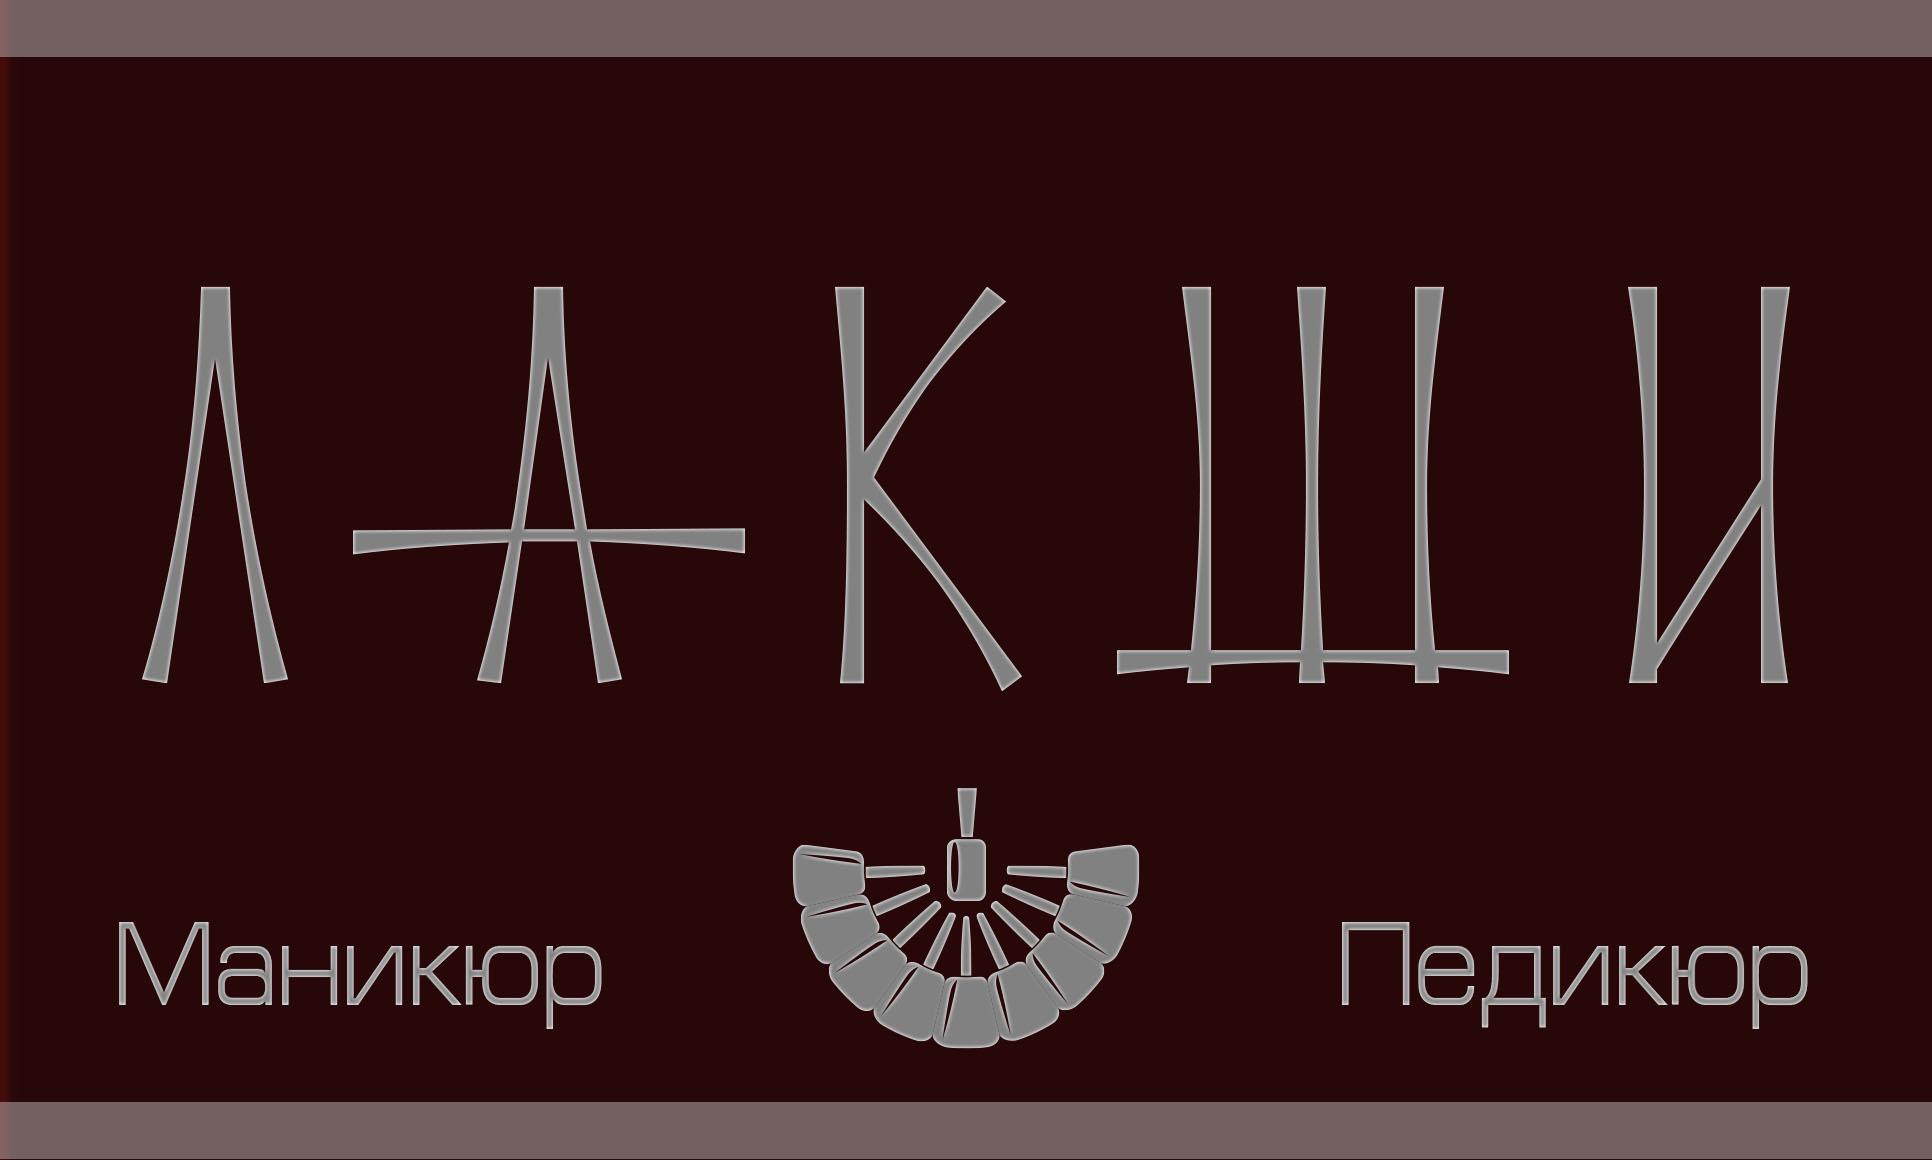 Разработка логотипа фирменного стиля фото f_2765c744d0a195ac.jpg